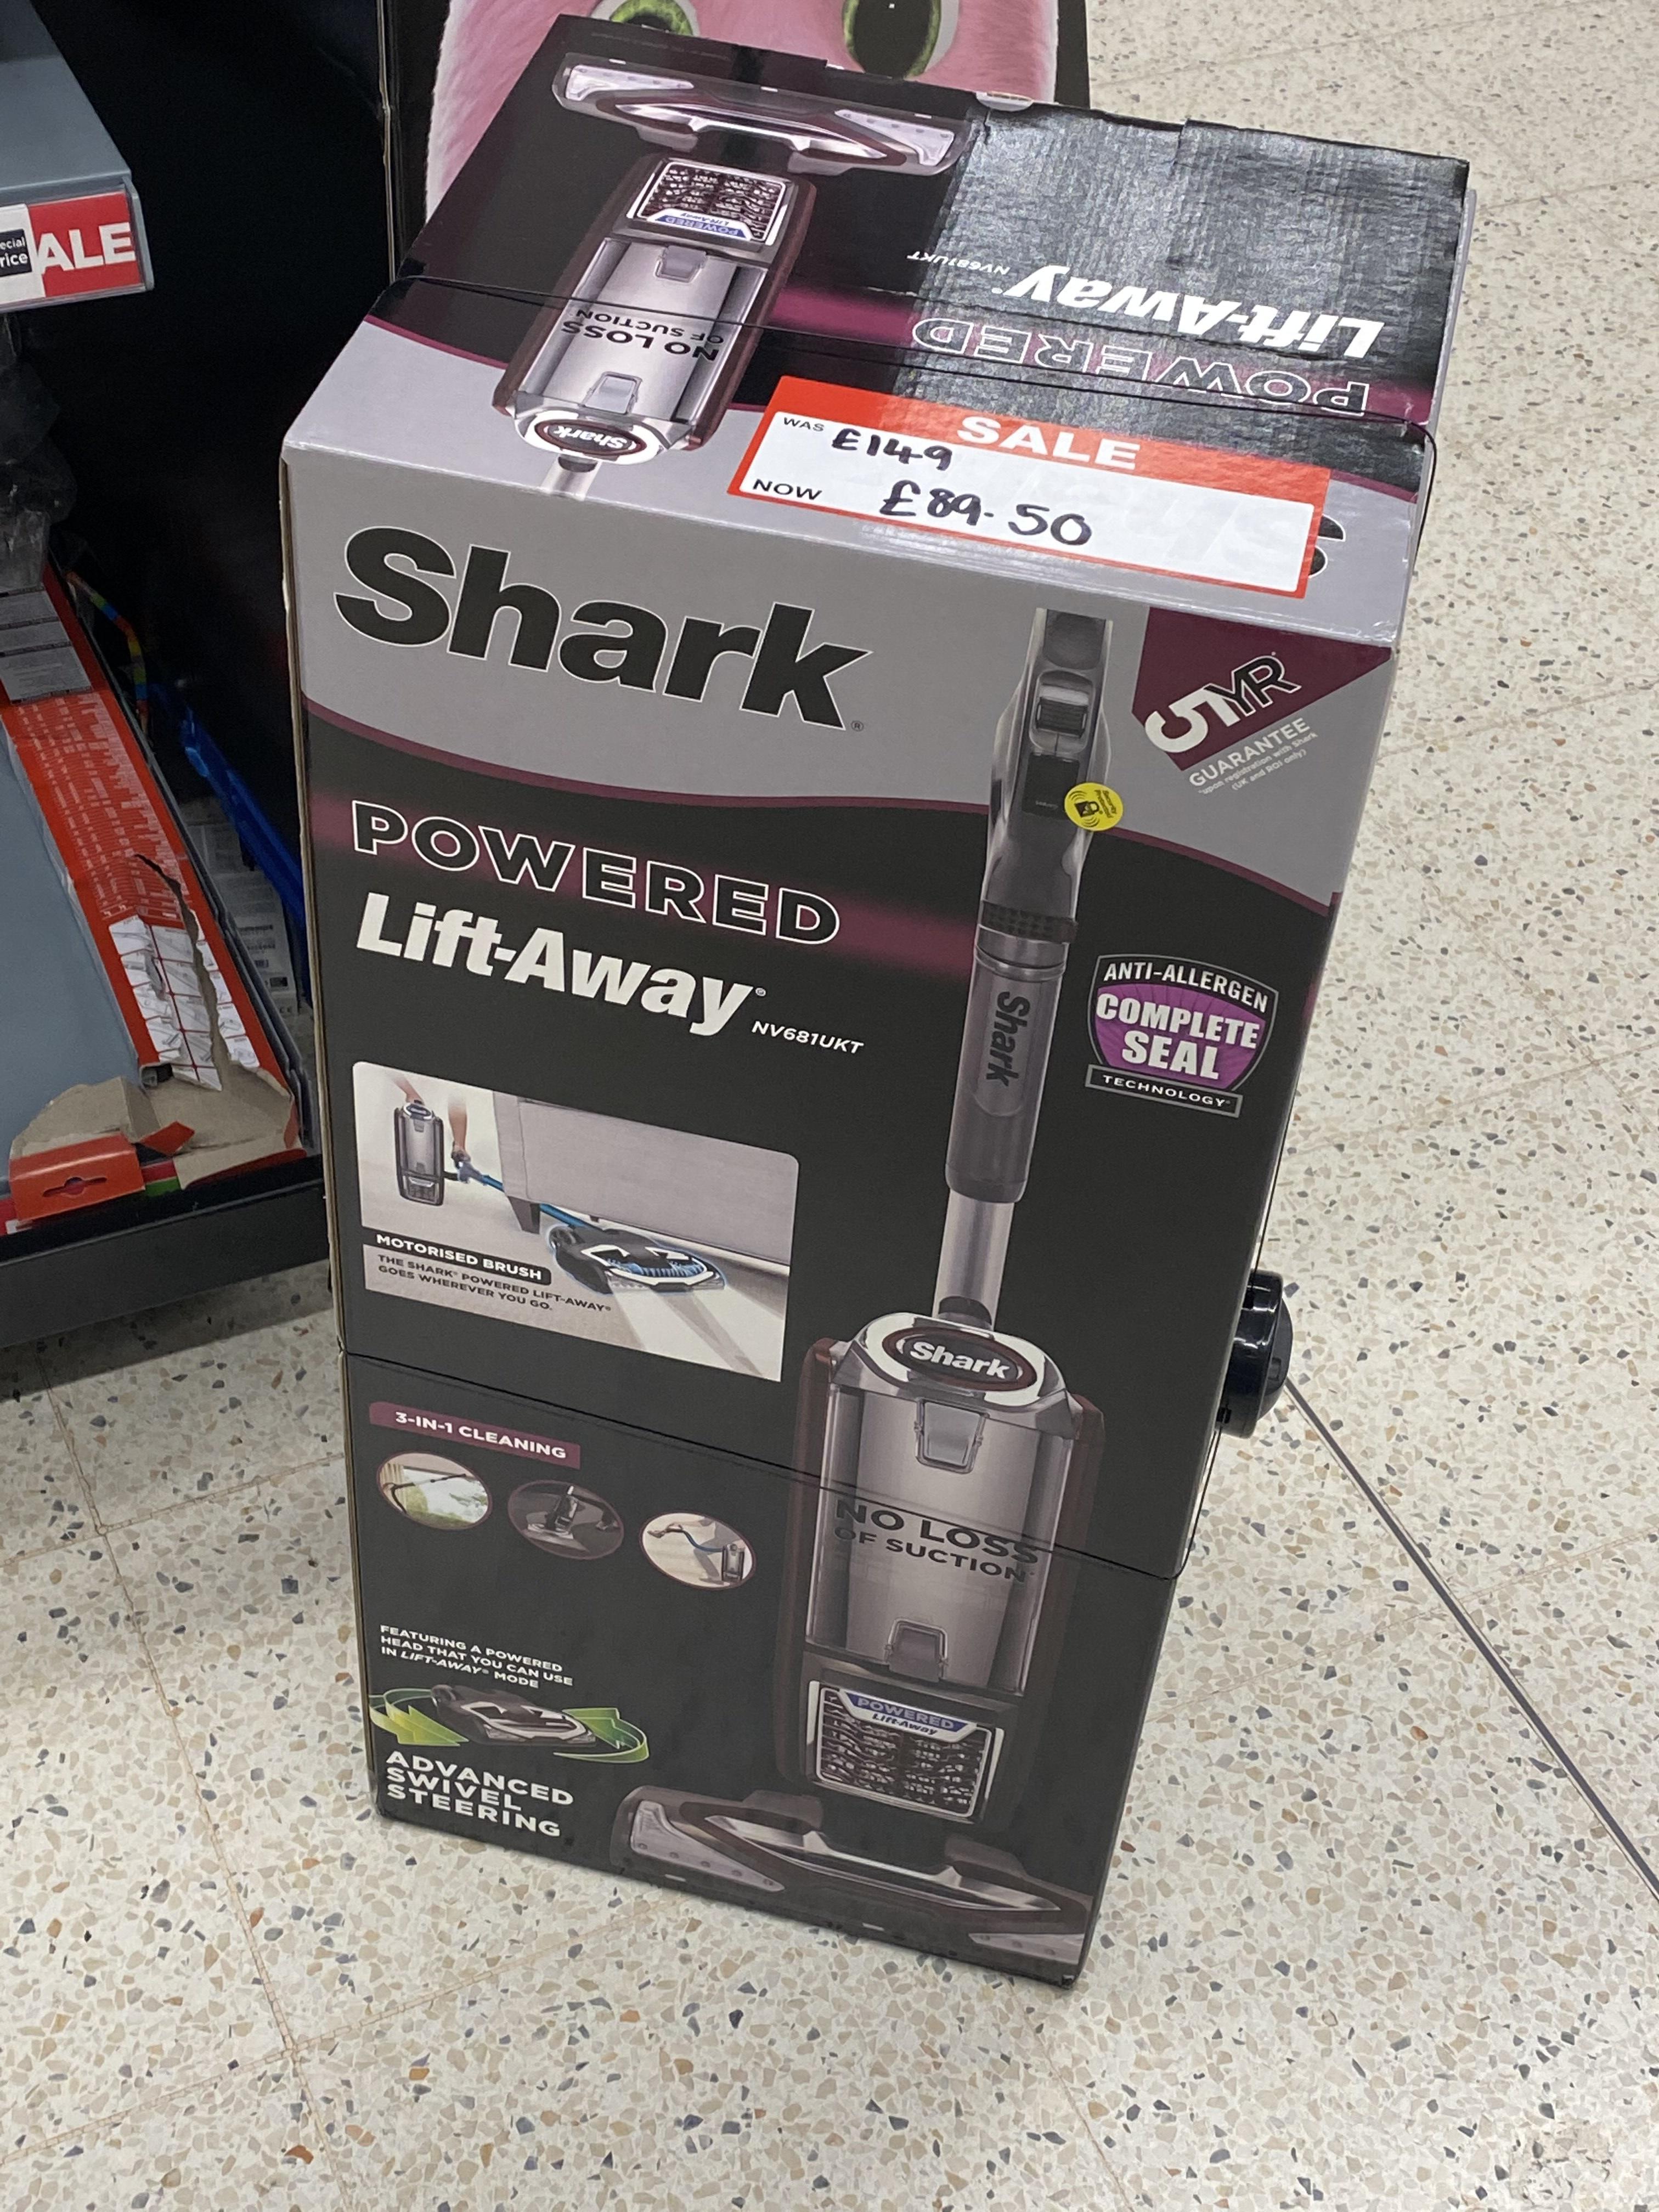 Shark Powered Lift-Away [NV681UKT] 3-in-1 Vacuum - £89.50 @ Asda (Nottingham)